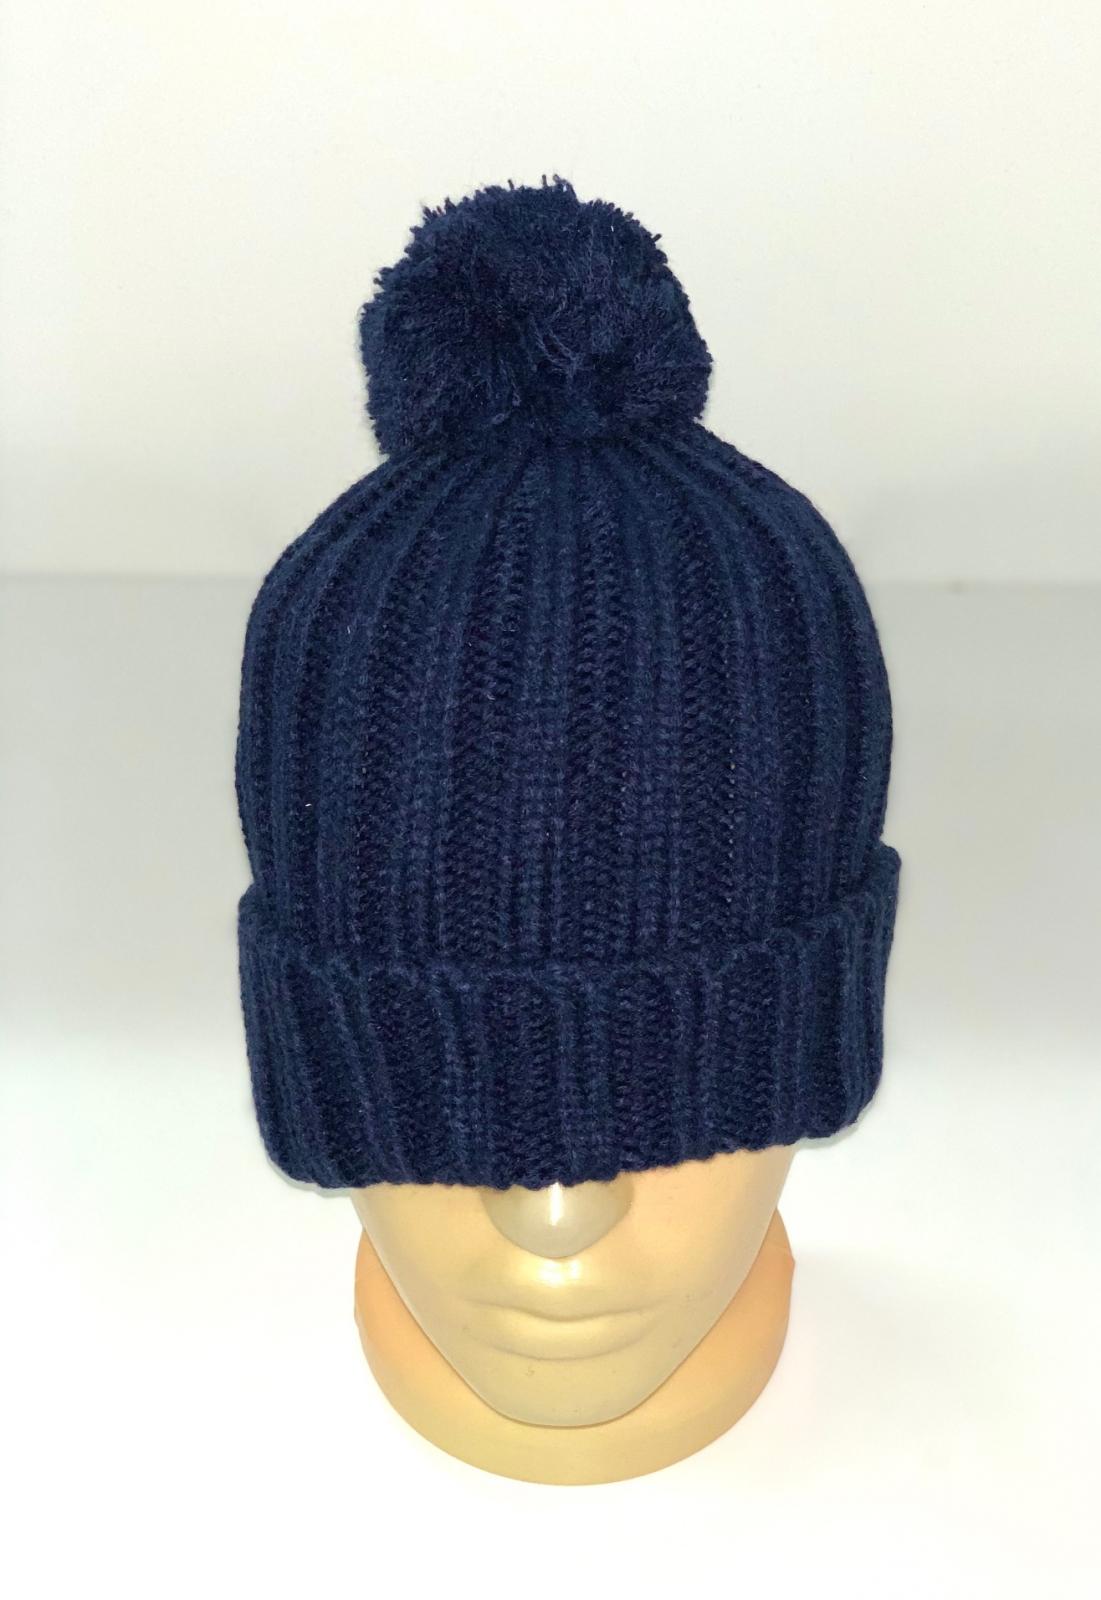 Вязаная шапка темно-синего цвета с помпоном